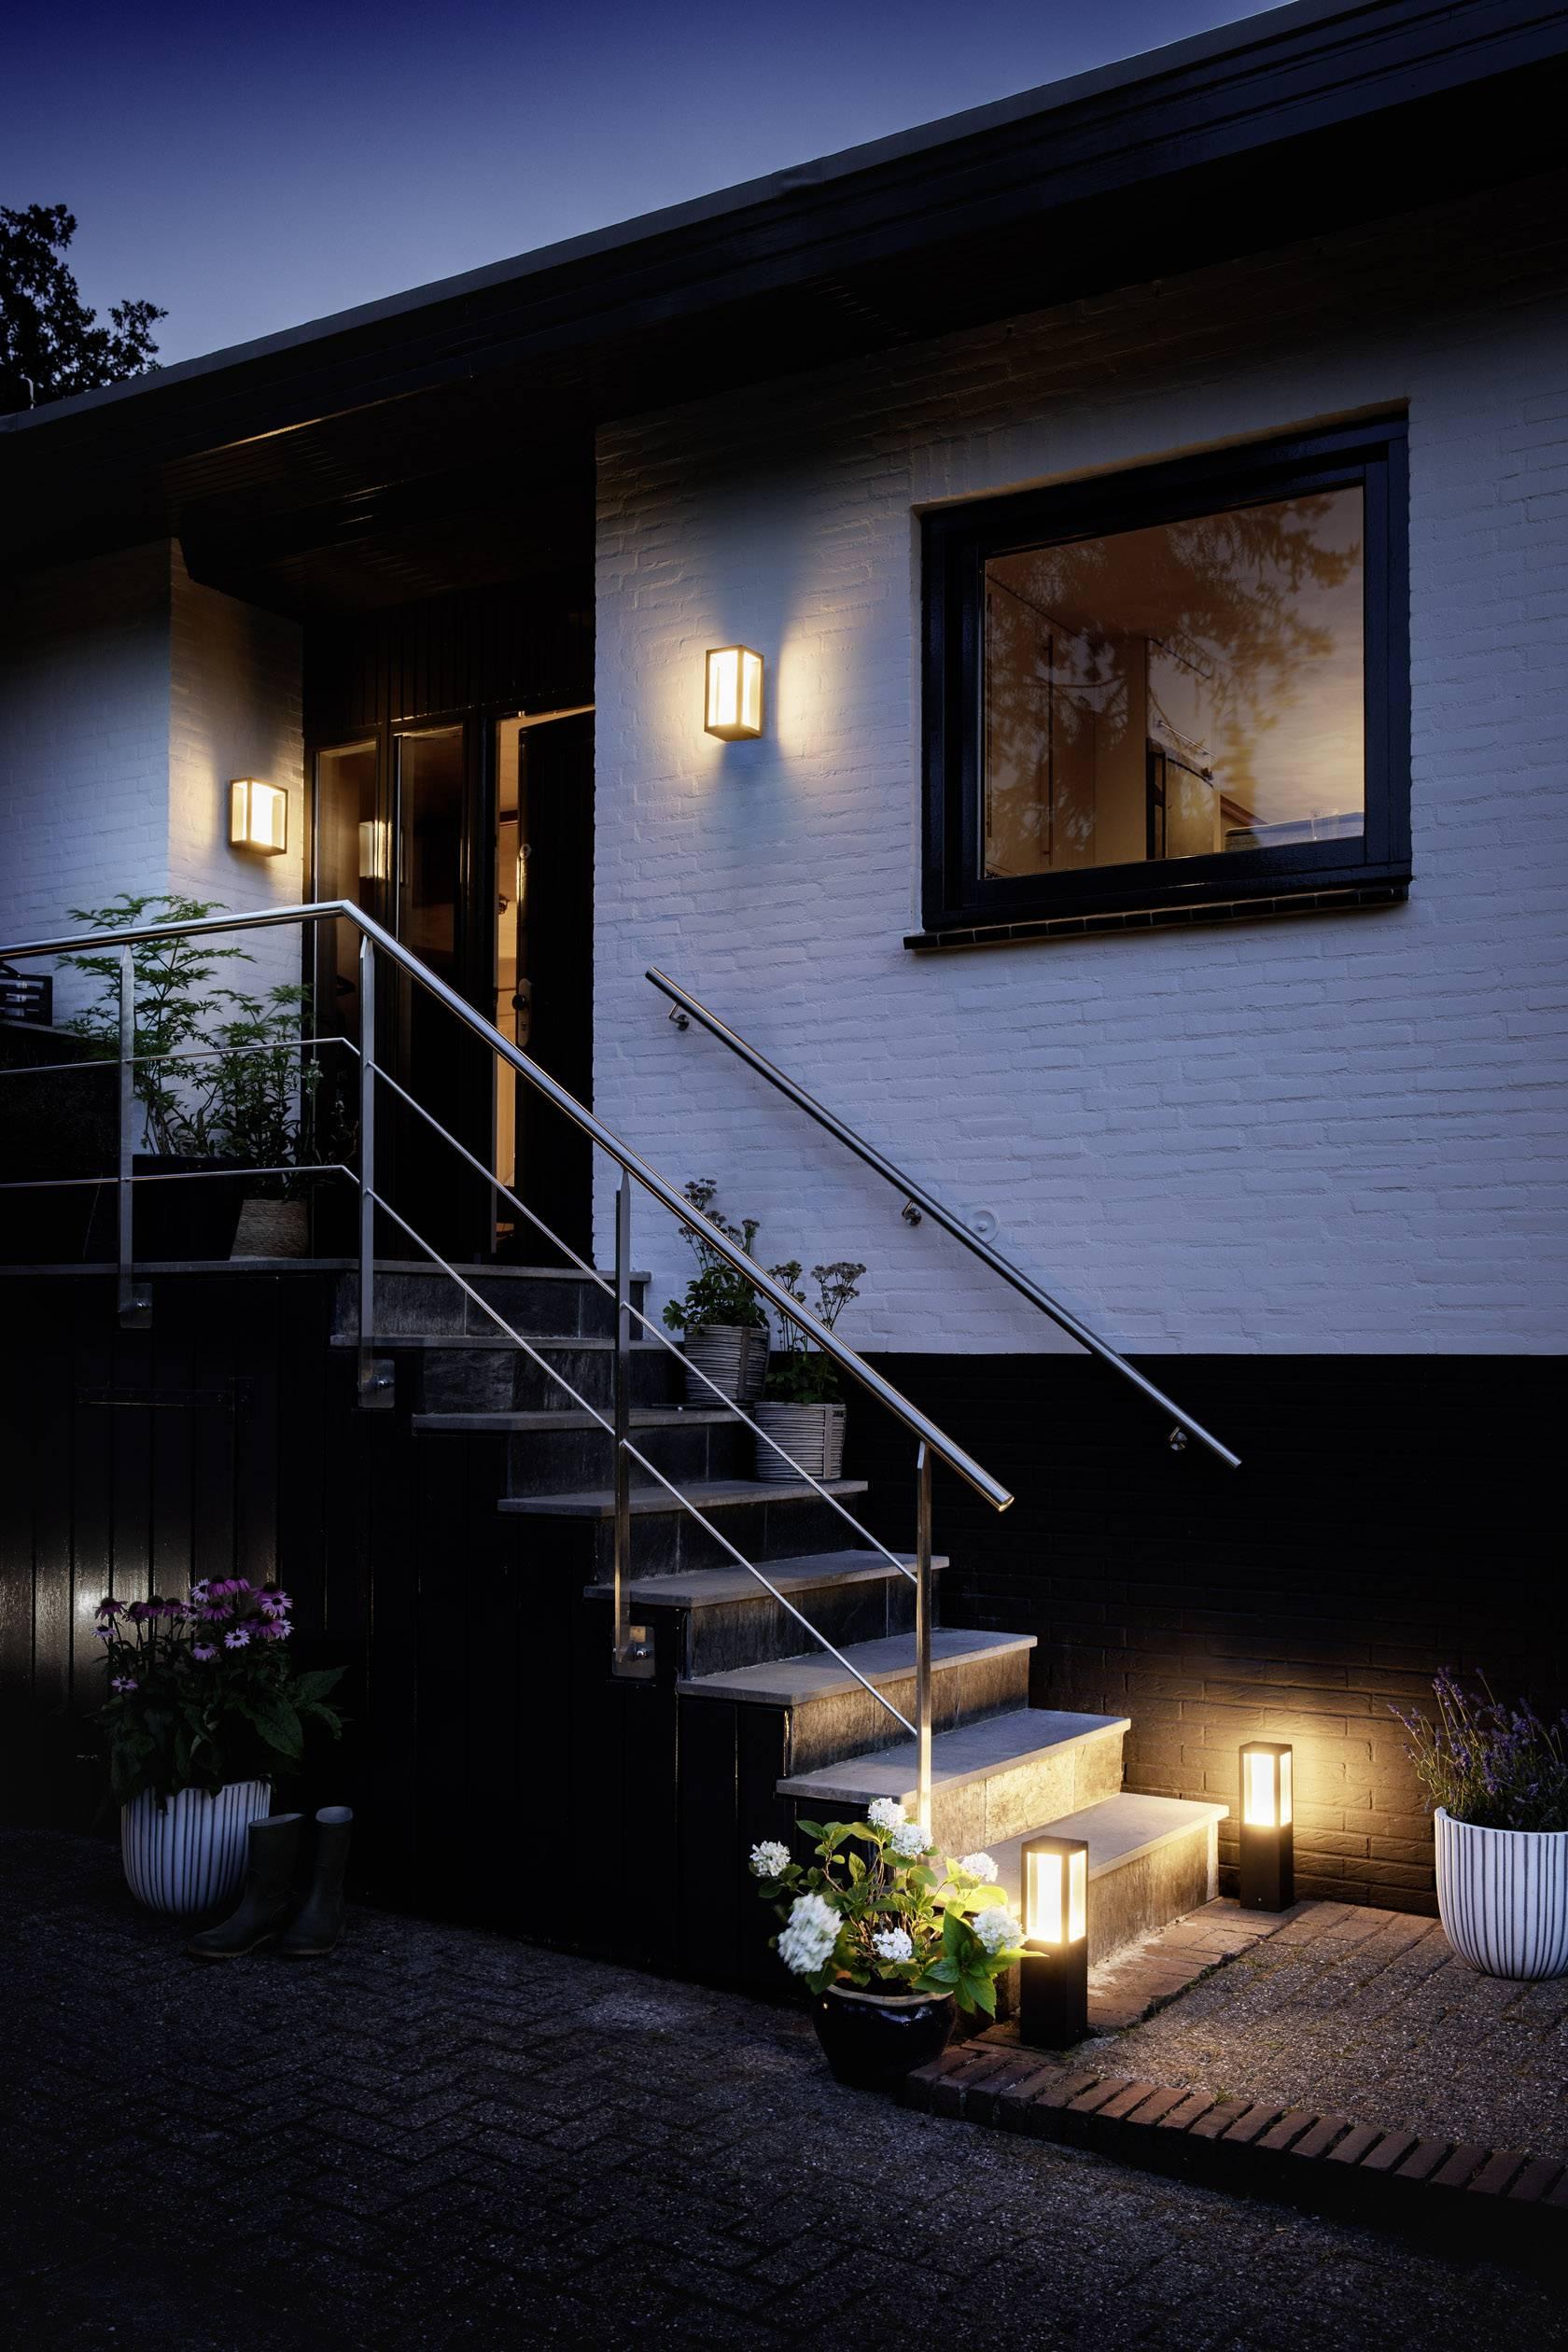 15 Philips Extérieure Applique Fuzo W Murale Hue Intégrée Lighting Led Blanc Chaud n0Pk8wOXNZ